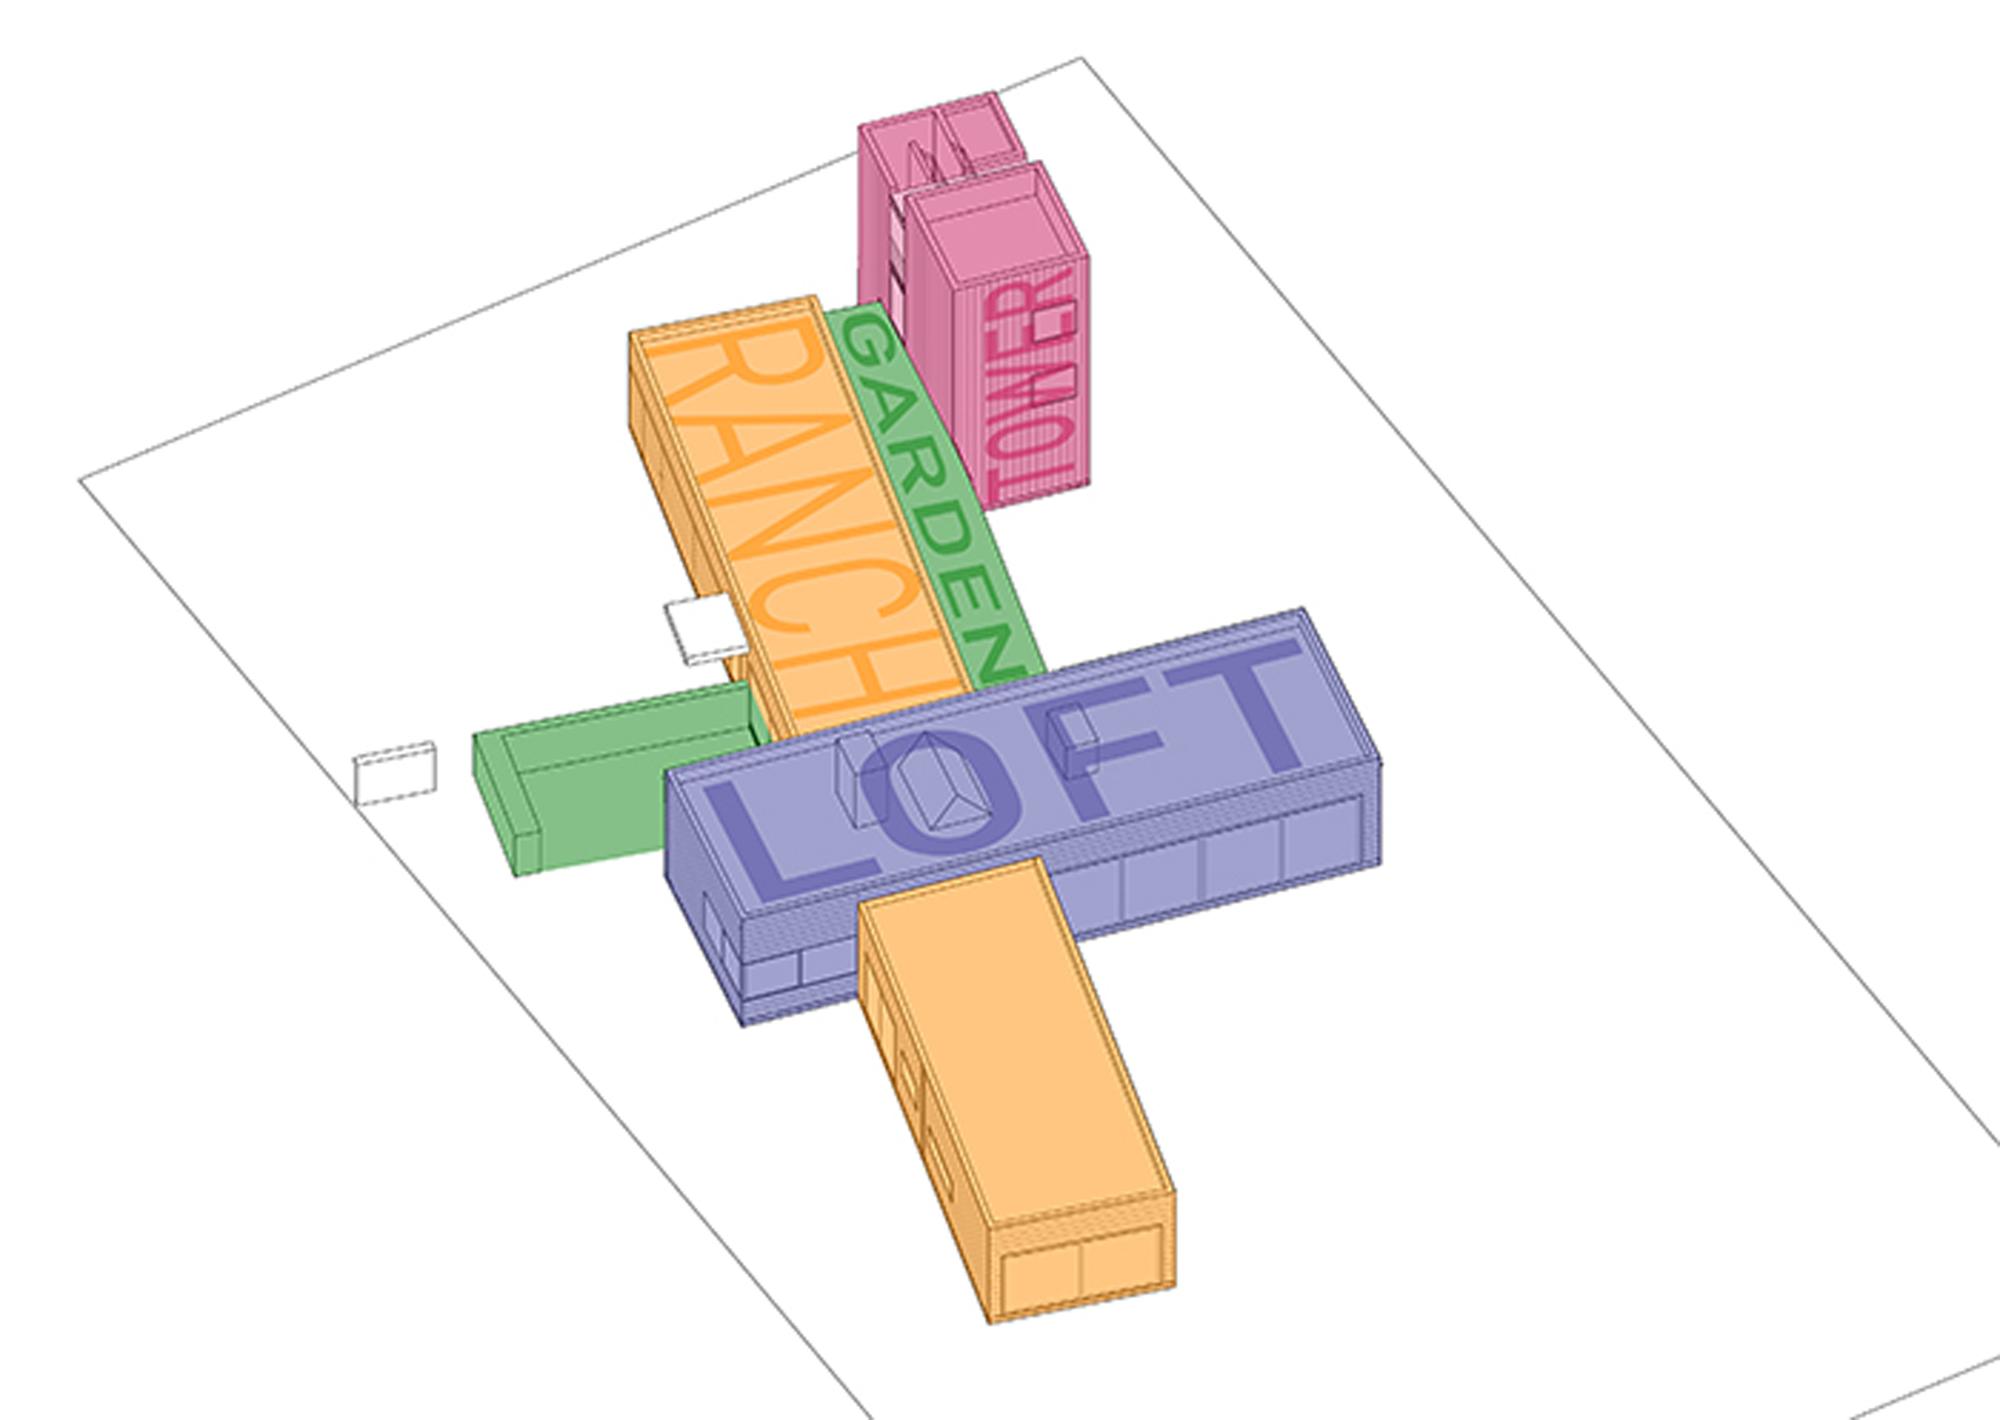 533cdea2c07a80346900006d_low-rise-house-spiegel-aihara-workshop_lowrise_00_program_diagram